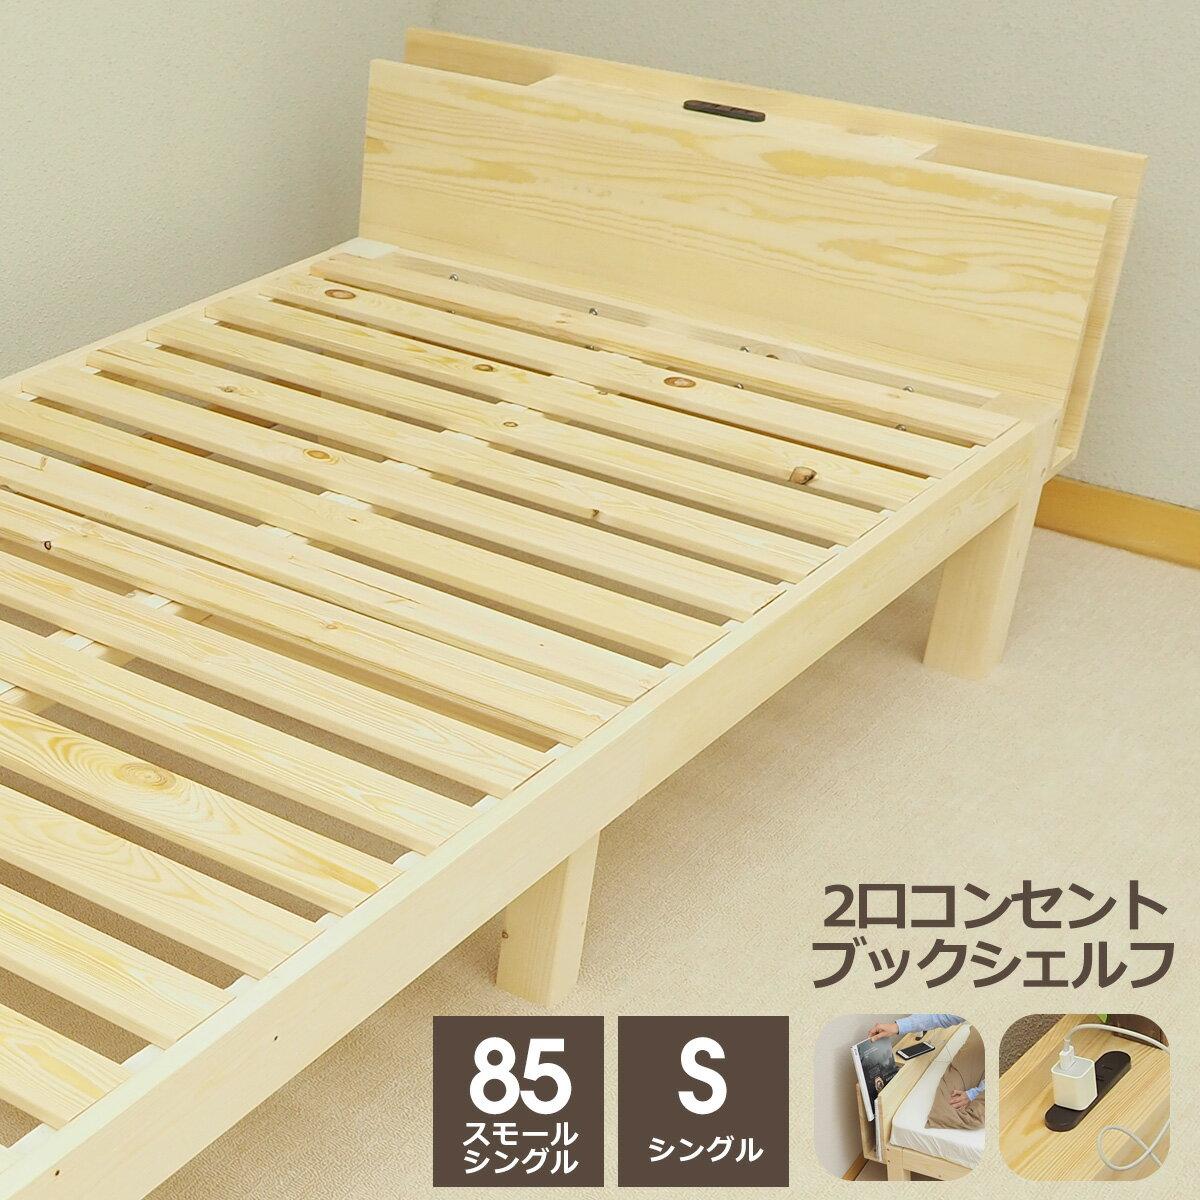 北欧パイン 無垢材 木製ベッドフレーム CN0602 (シングル)または(85スモールシングル)